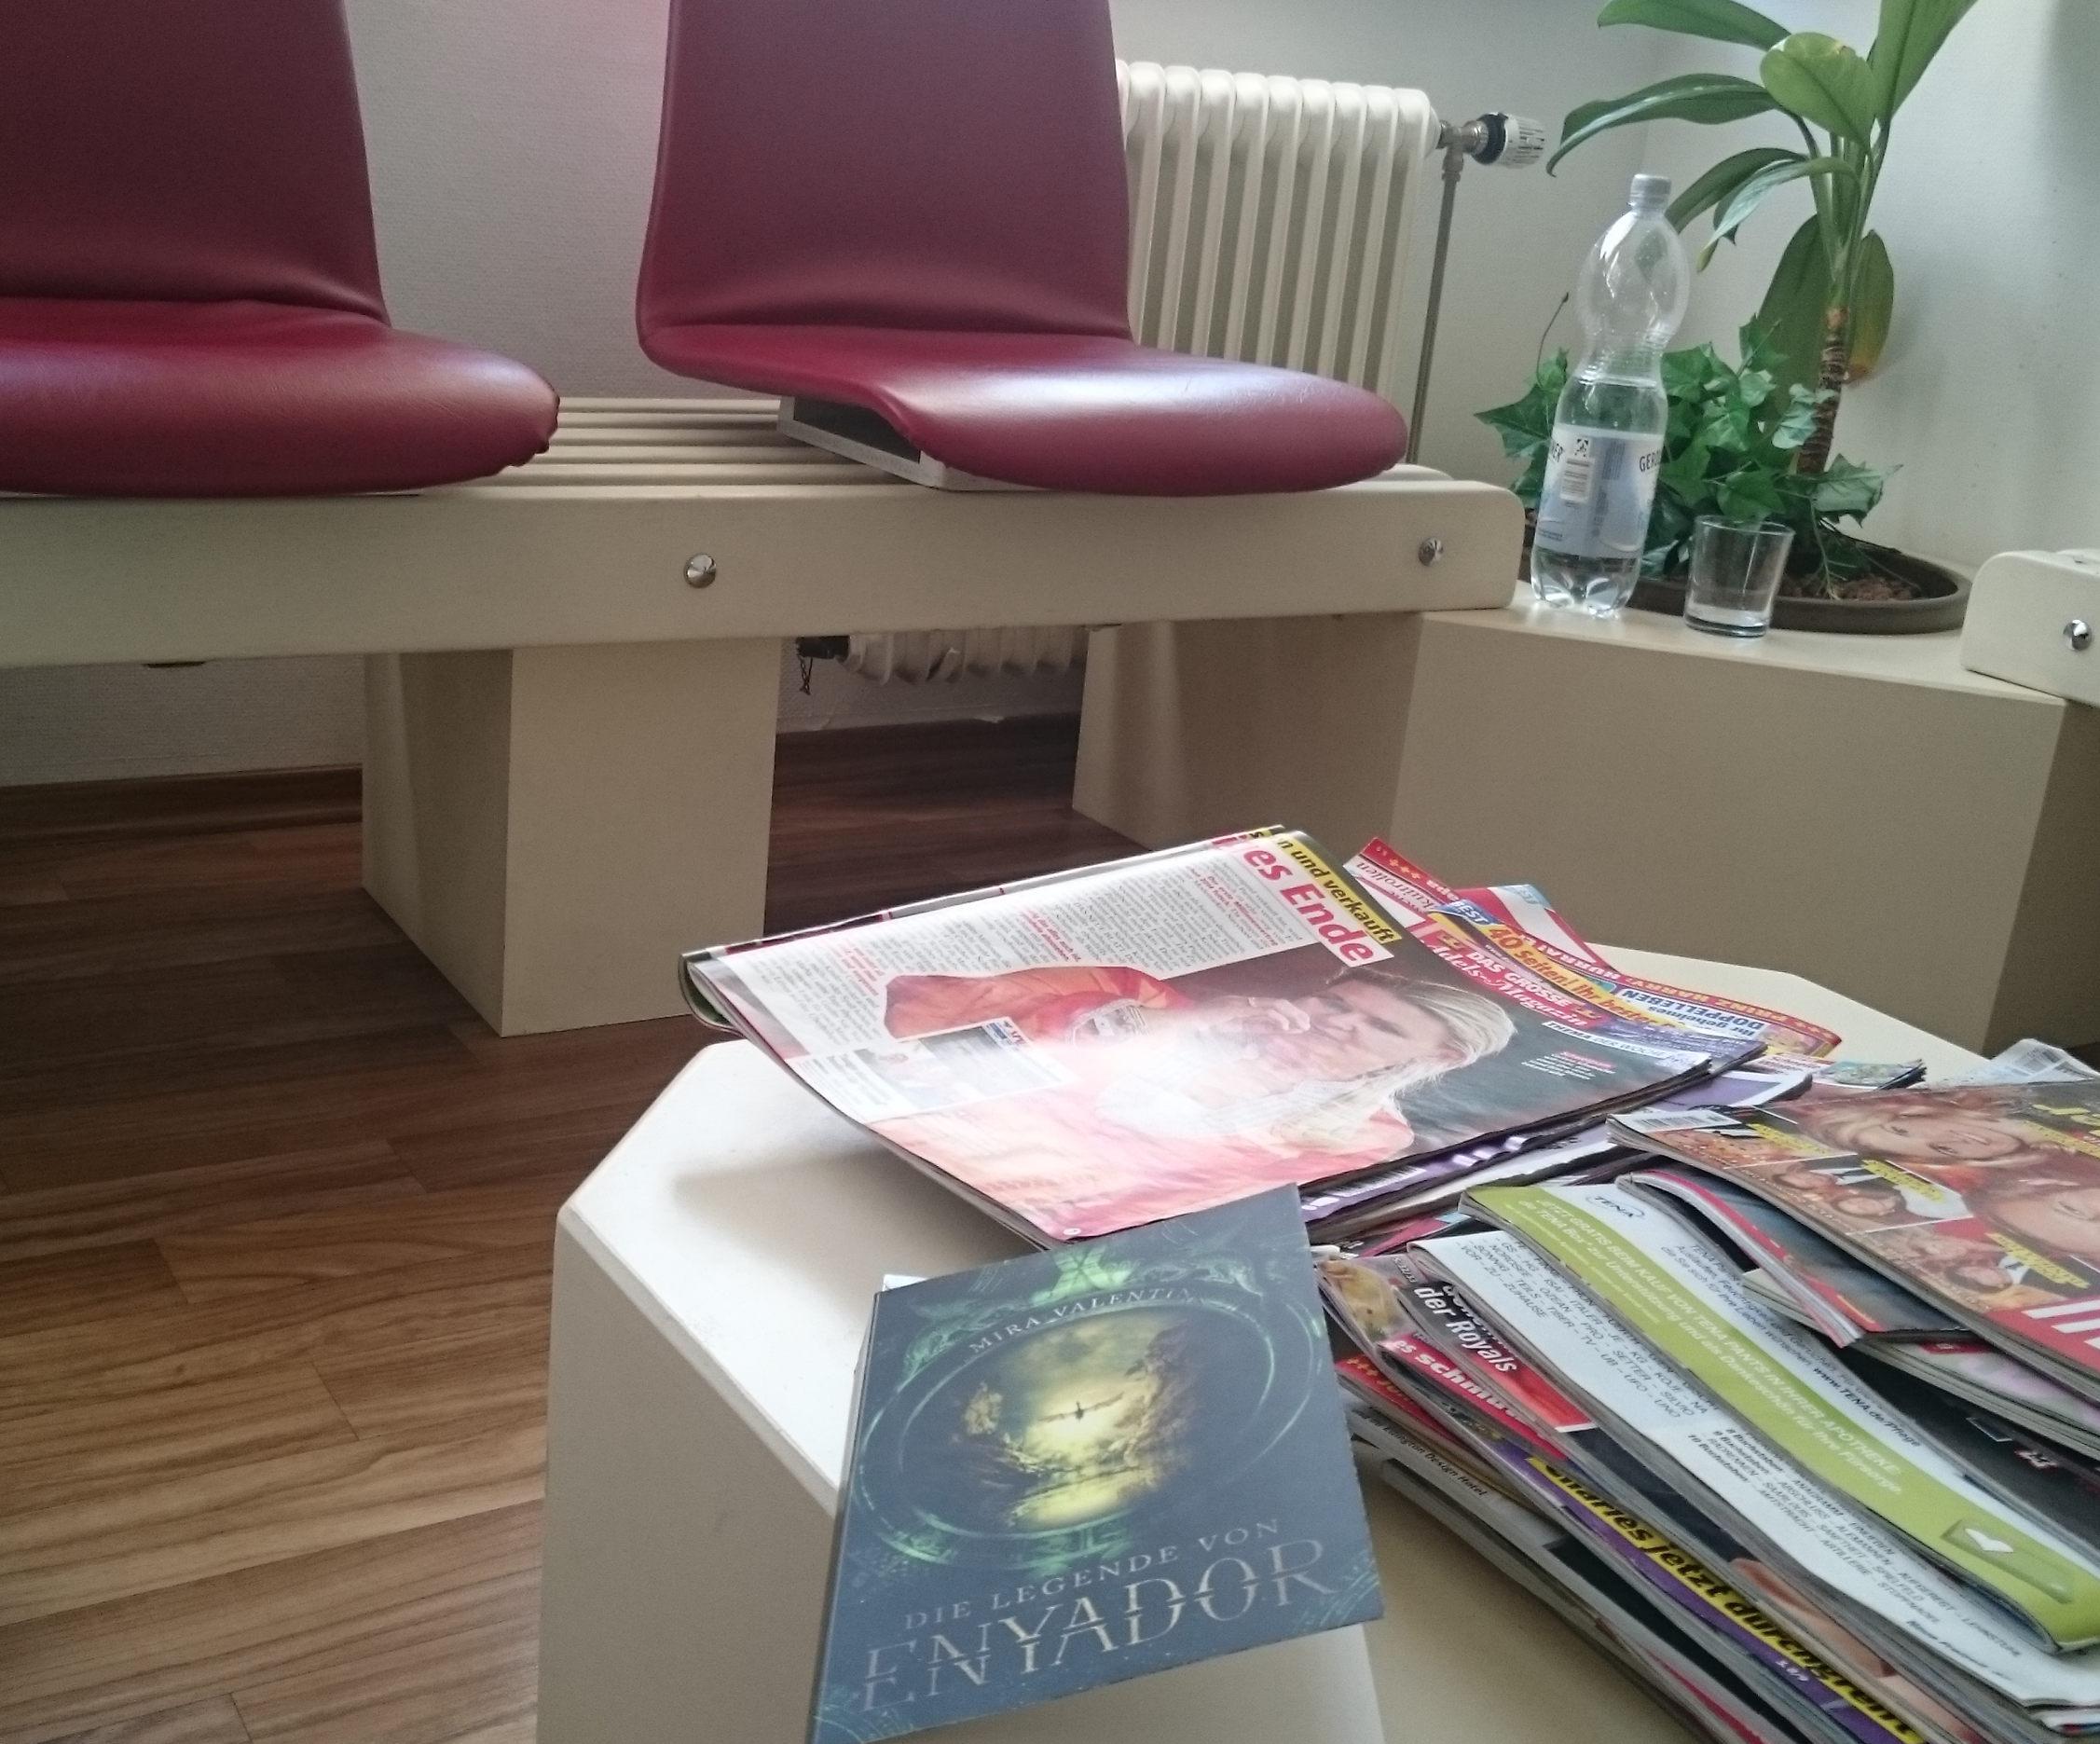 Enyador von Mira Valentin - als Leseplätzchen im Wartezimmer aufgenommen. Das Buch liegt auf dem Tisch mit den Zeitschriften, im Hintergrund sieht man Stühle, eine Pflanze und eine Flasche Wasser